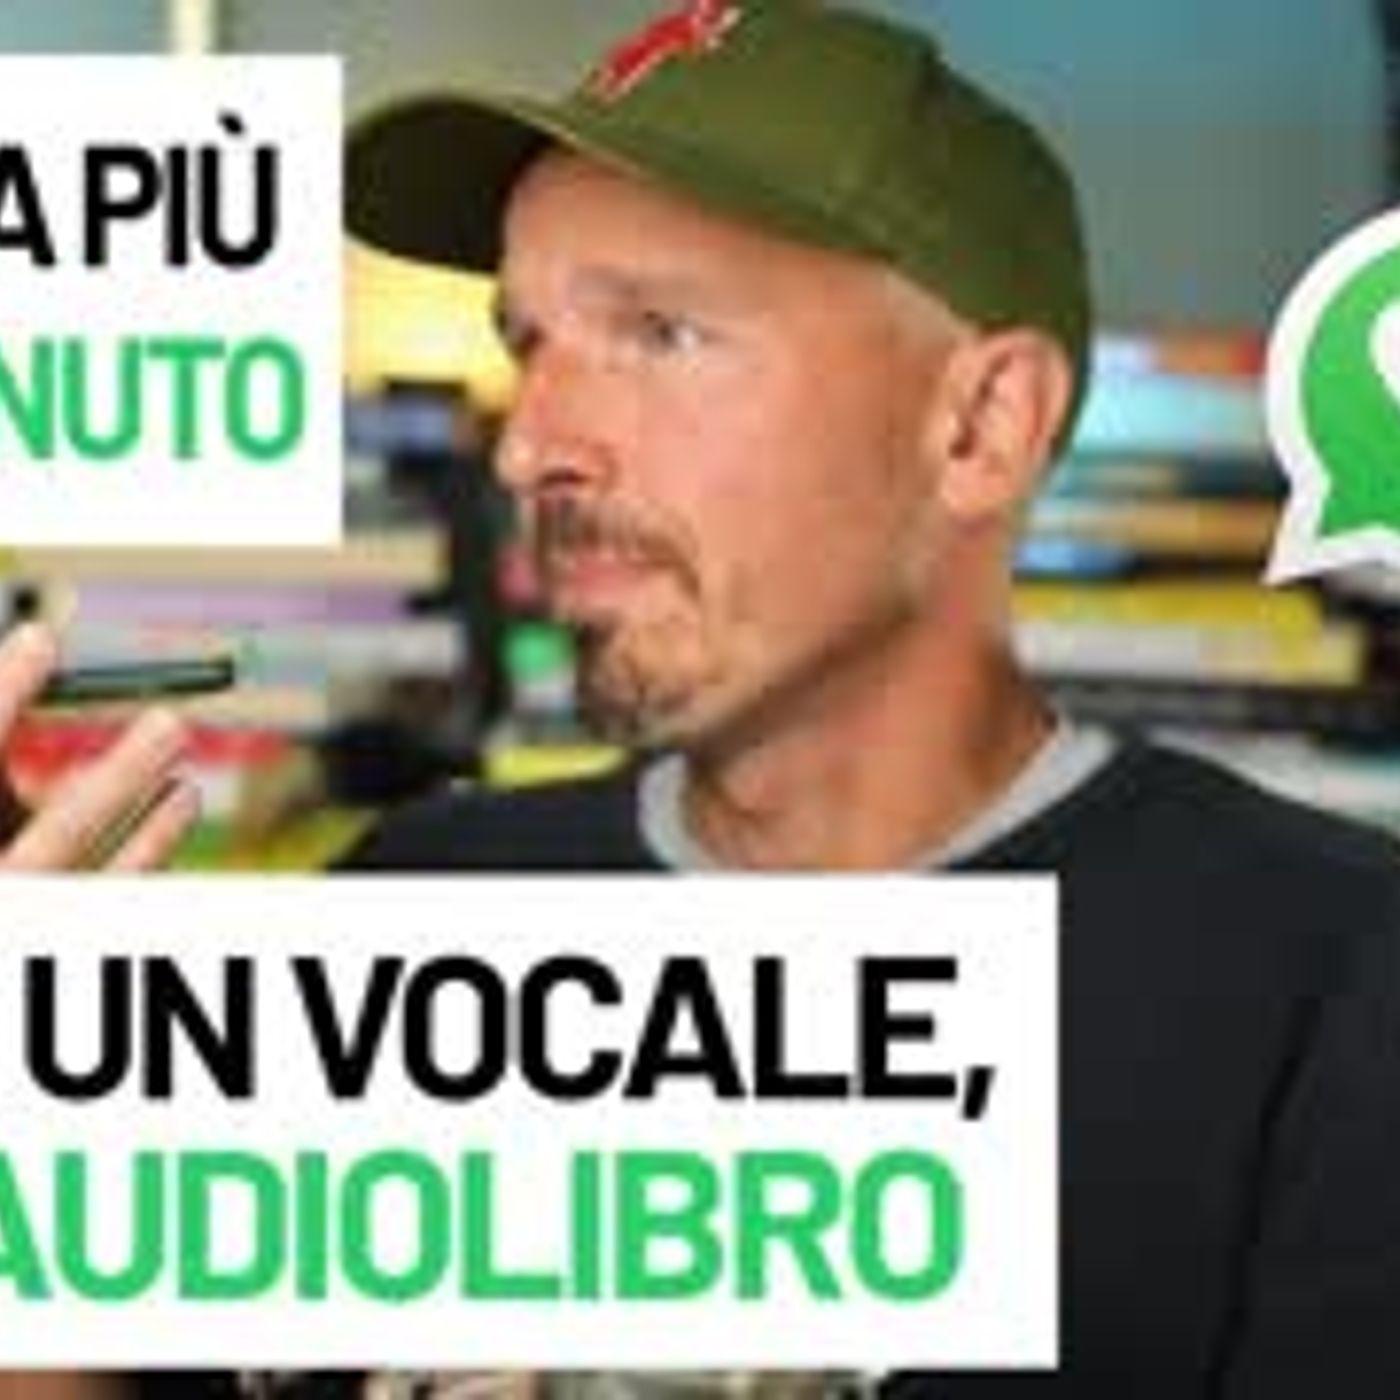 Se dura più di 1 minuto non è un vocale...Belin è un audiolibro!